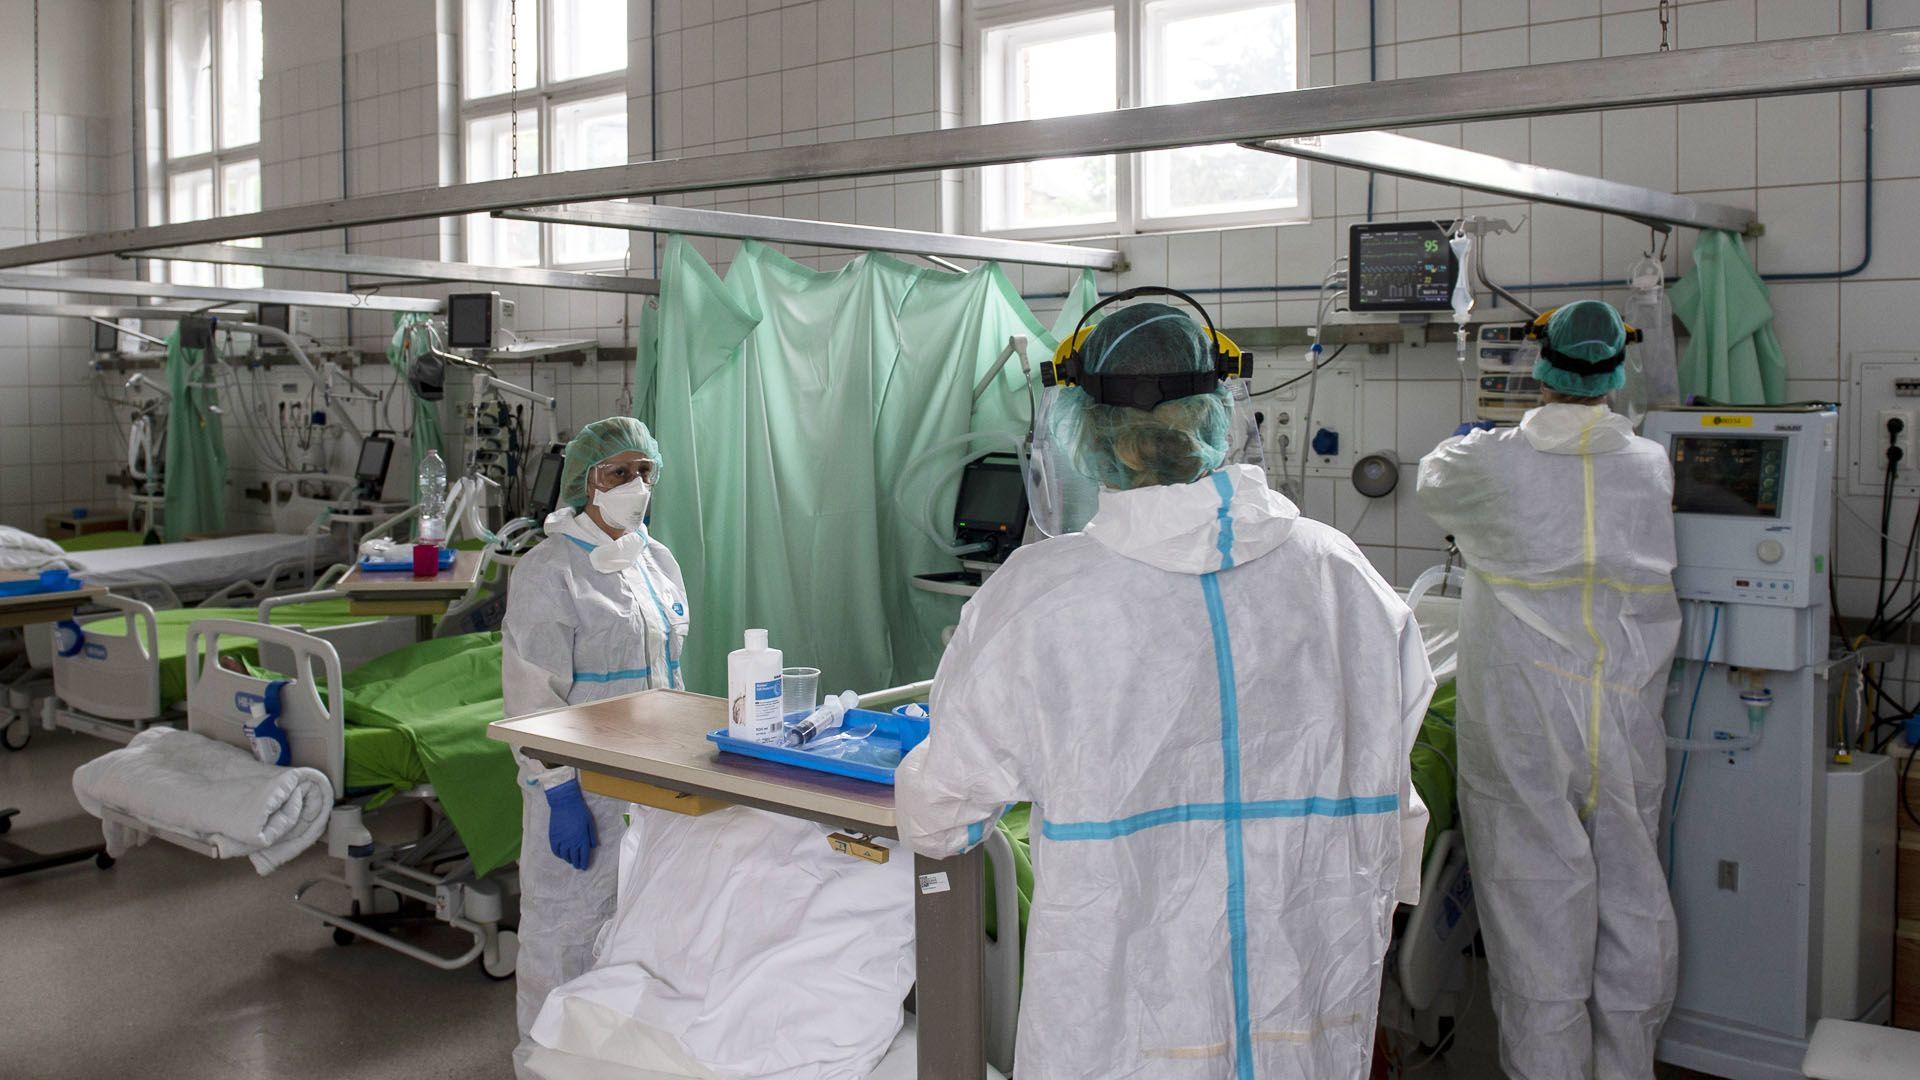 A koronavírus esete az áldozathibáztatással